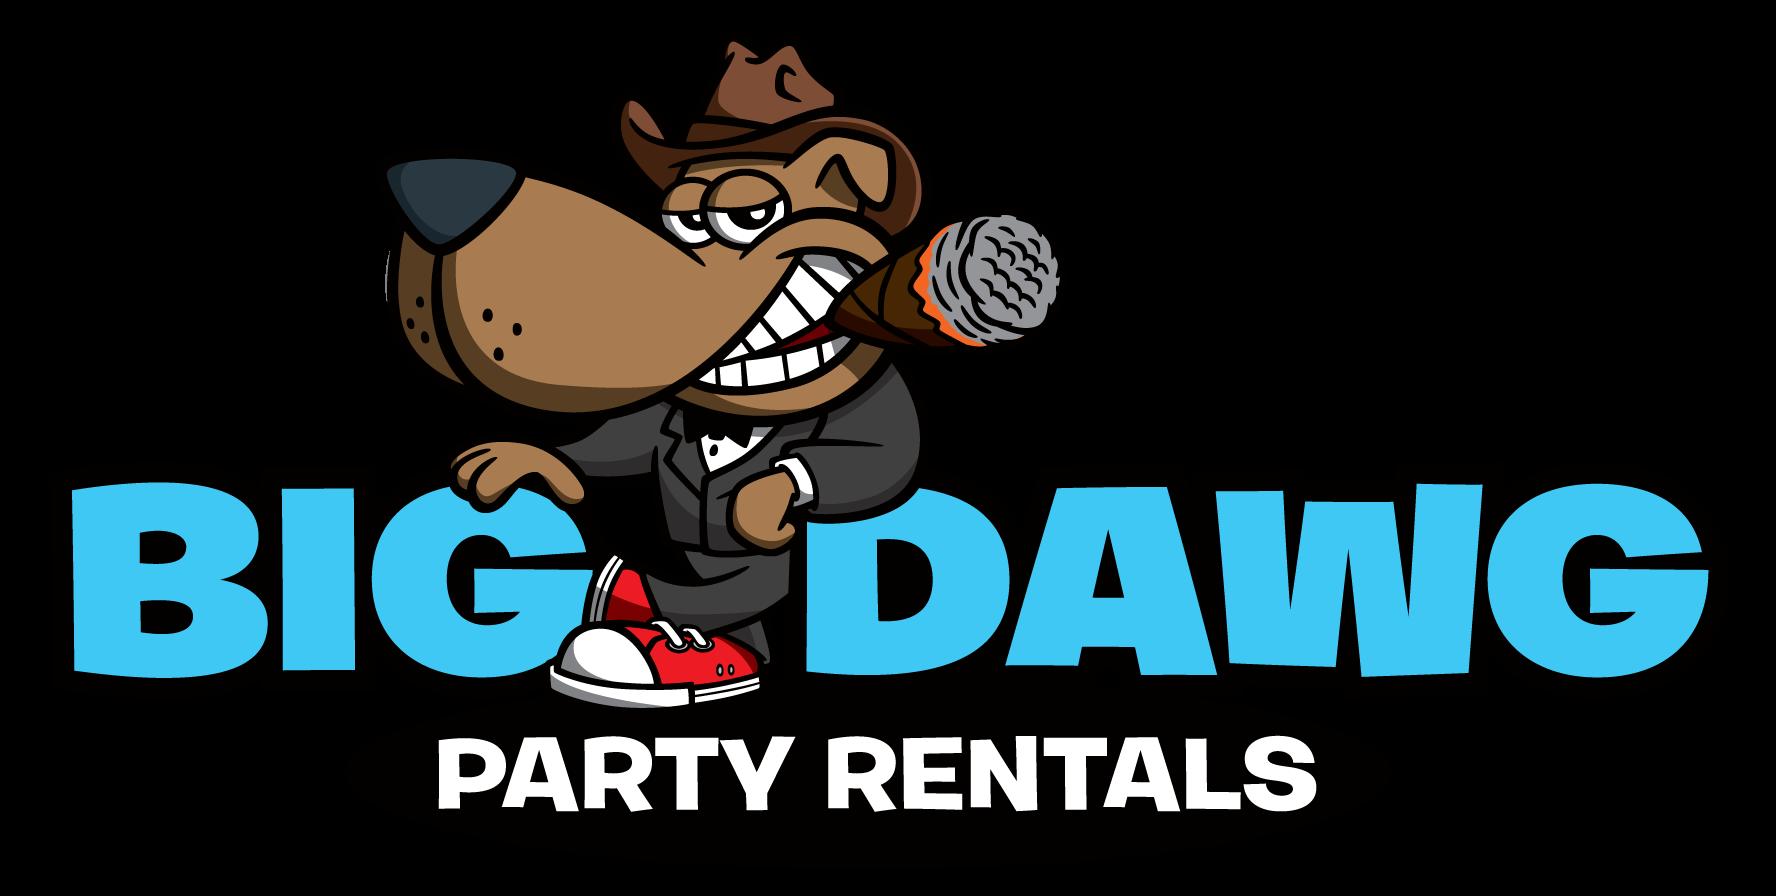 Floor clipart stage floor. Big dawg party rentals